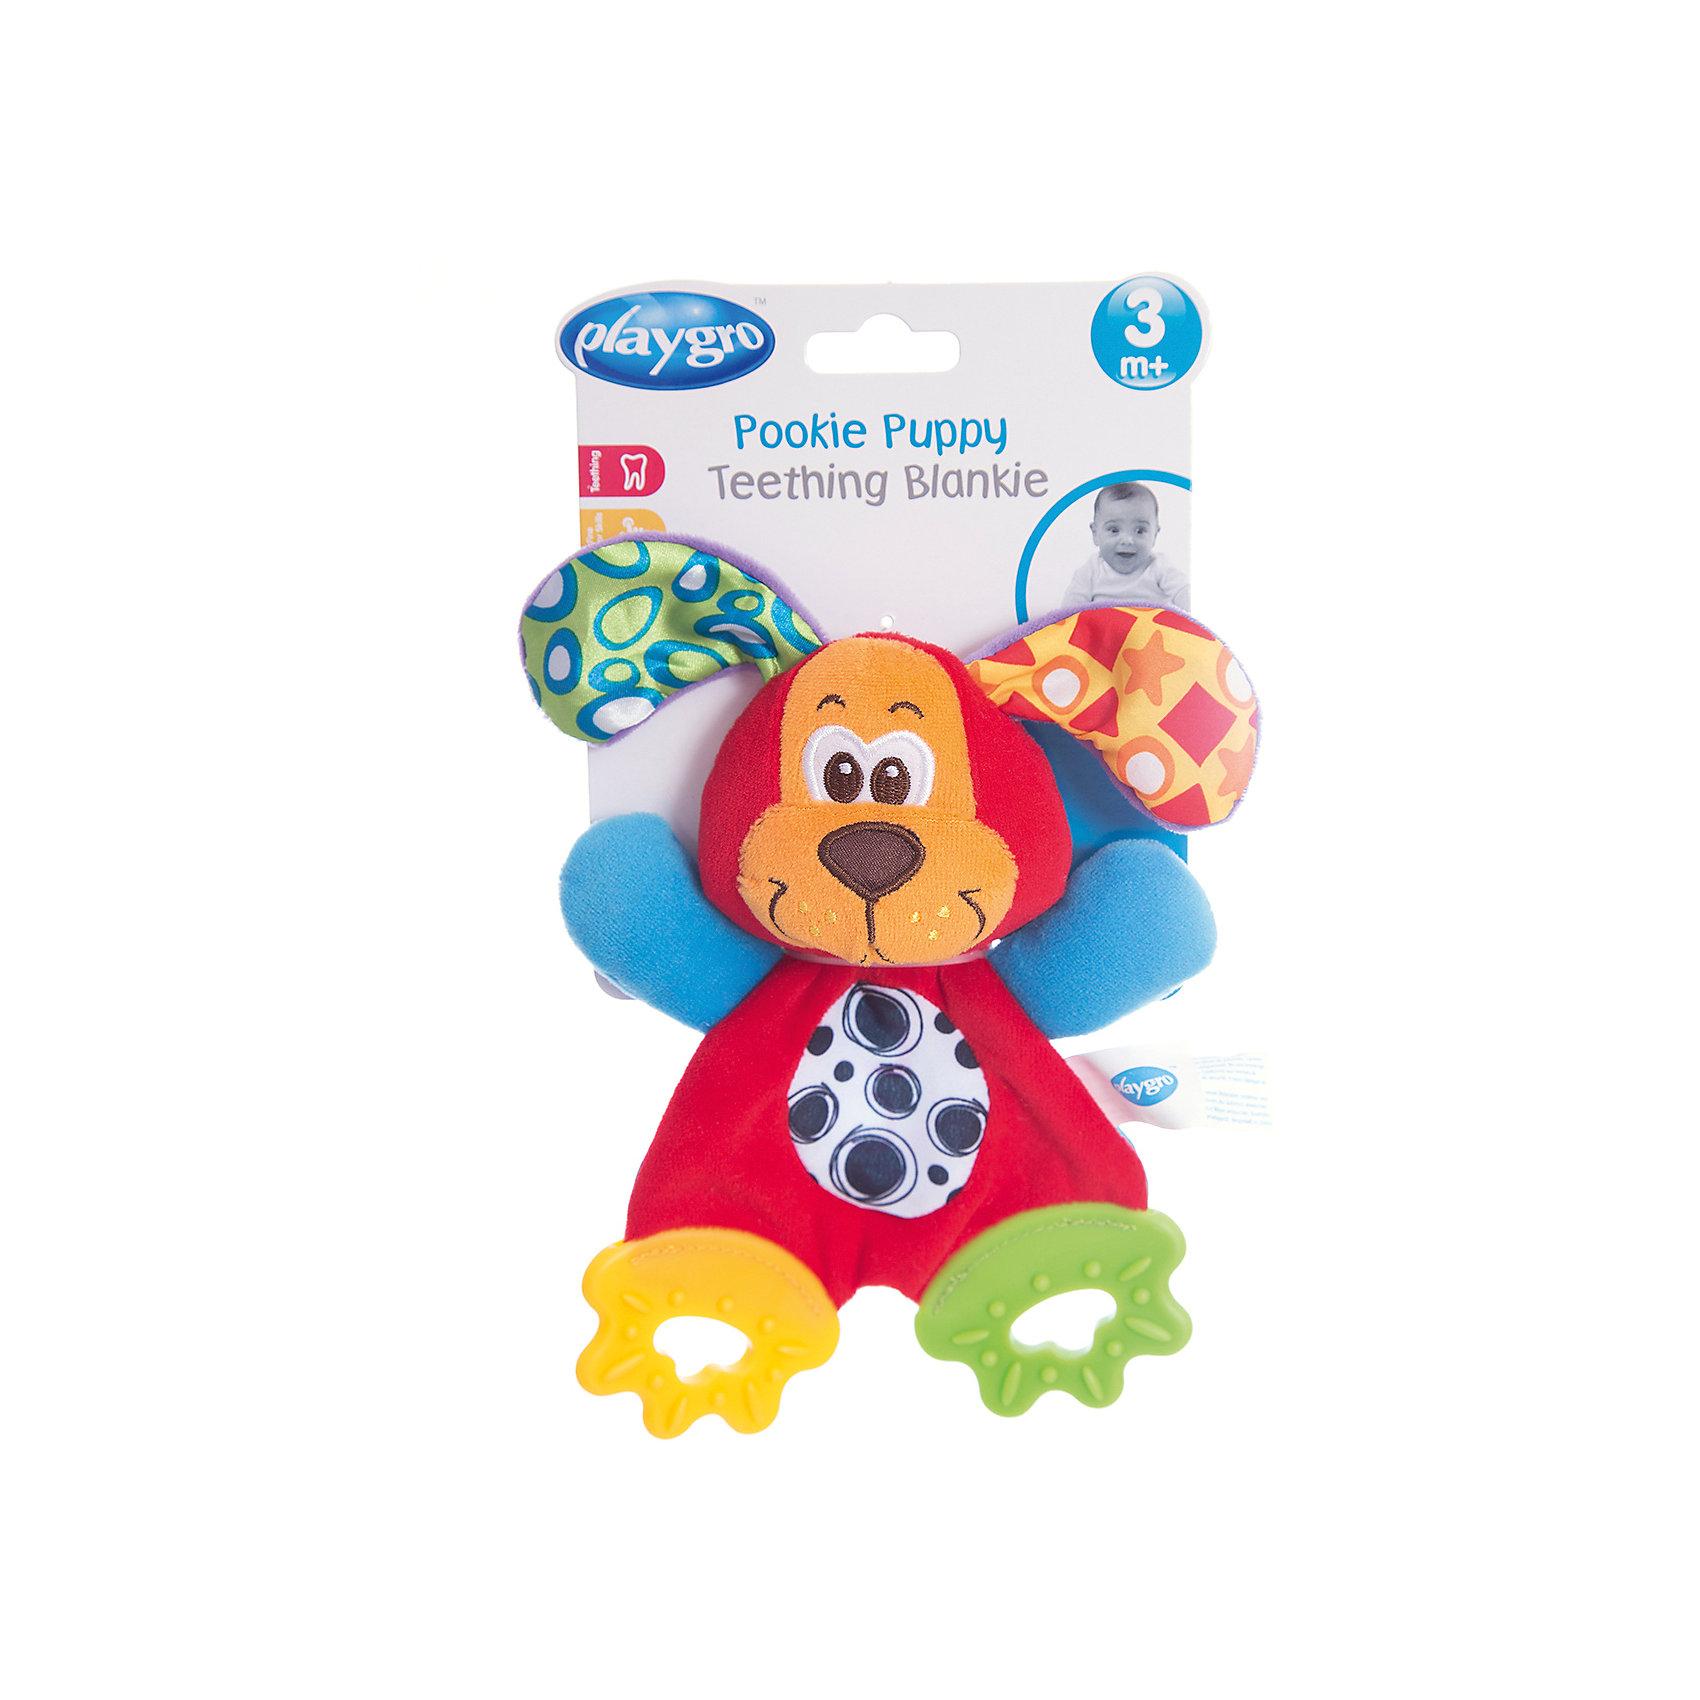 Мягкая игрушка Щенок, PlaygroС этим милым щенком можно не только играть как с мягкой игрушкой, но и использовать как прорезыватель. На его лапках расположены мягкие грызунки, которые снимут неприятные ощущения во время роста зубов. Так же игрушка будет развивать мелкую моторику и визуальное восприятие ребенка.<br><br>Дополнительная информация:<br><br>- Возраст: от 3 месяцев до 2 лет<br>- Материал: текстиль, пластик<br>- Размер: 13х4х24 см<br>- Вес: 0.06 кг<br><br>Мягкую игрушку Щенок, Playgro можно купить в нашем интернет-магазине.<br><br>Ширина мм: 130<br>Глубина мм: 42<br>Высота мм: 240<br>Вес г: 60<br>Возраст от месяцев: 3<br>Возраст до месяцев: 24<br>Пол: Унисекс<br>Возраст: Детский<br>SKU: 4779542